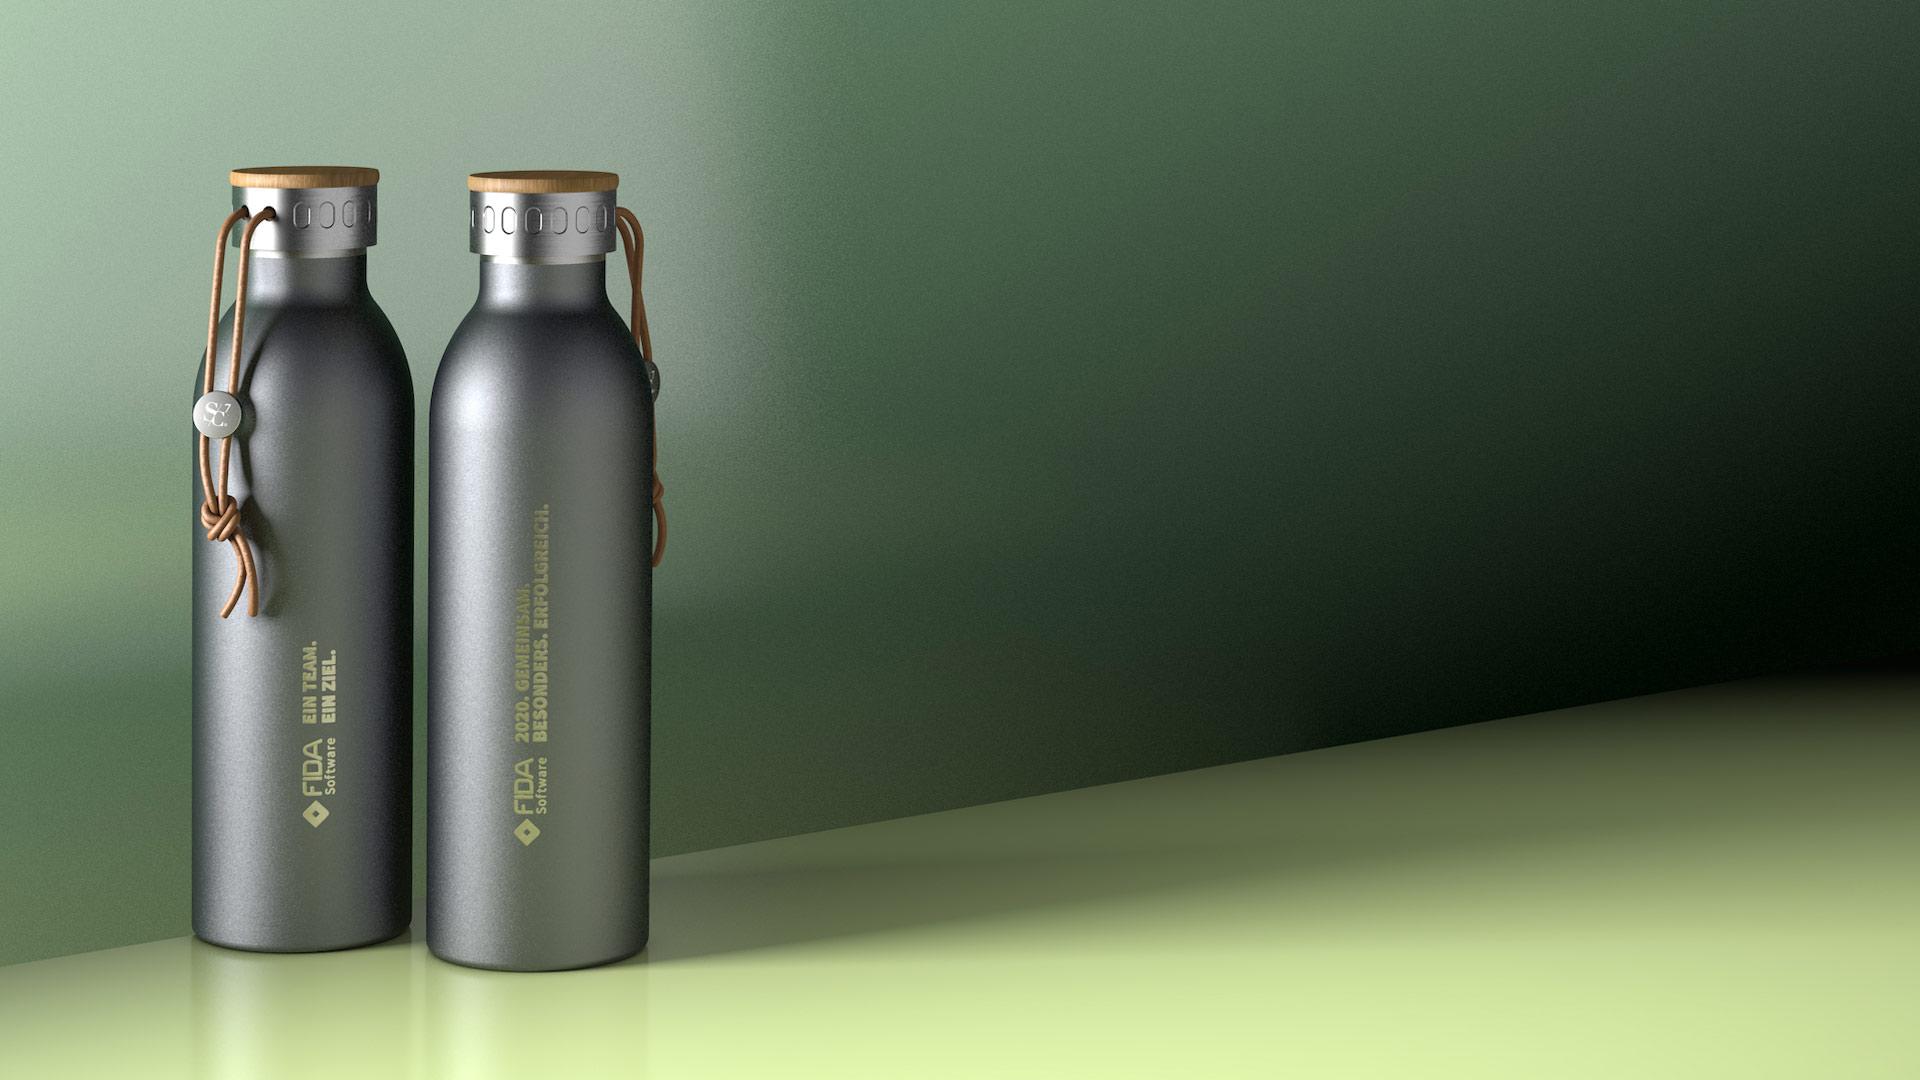 HYTE Trinkflasche als Geschenk für Mitarbeiter